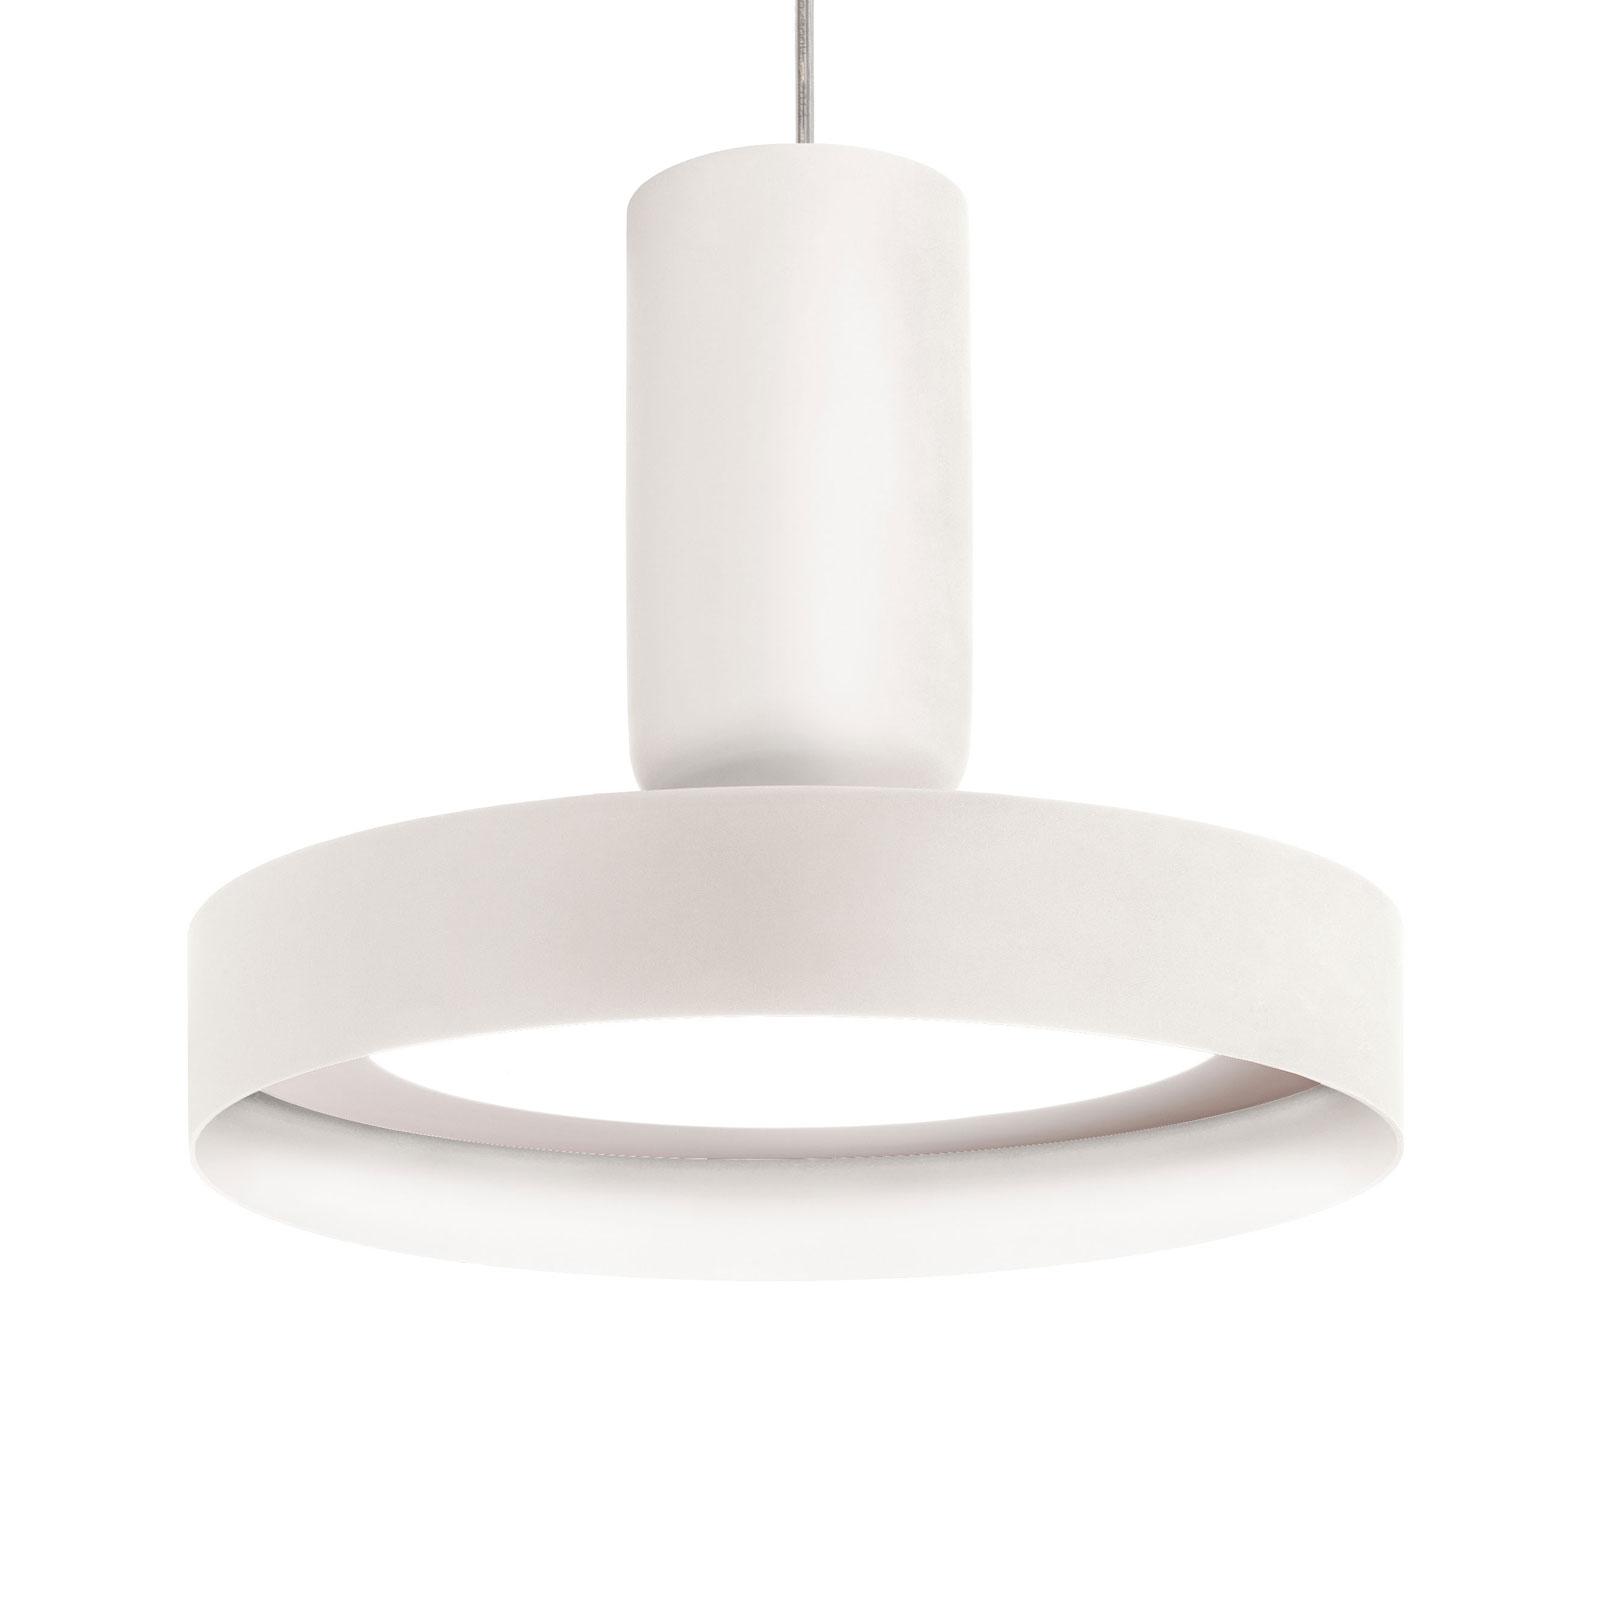 Modo Luce Hammer hængelampe Ø 18 cm, hvid